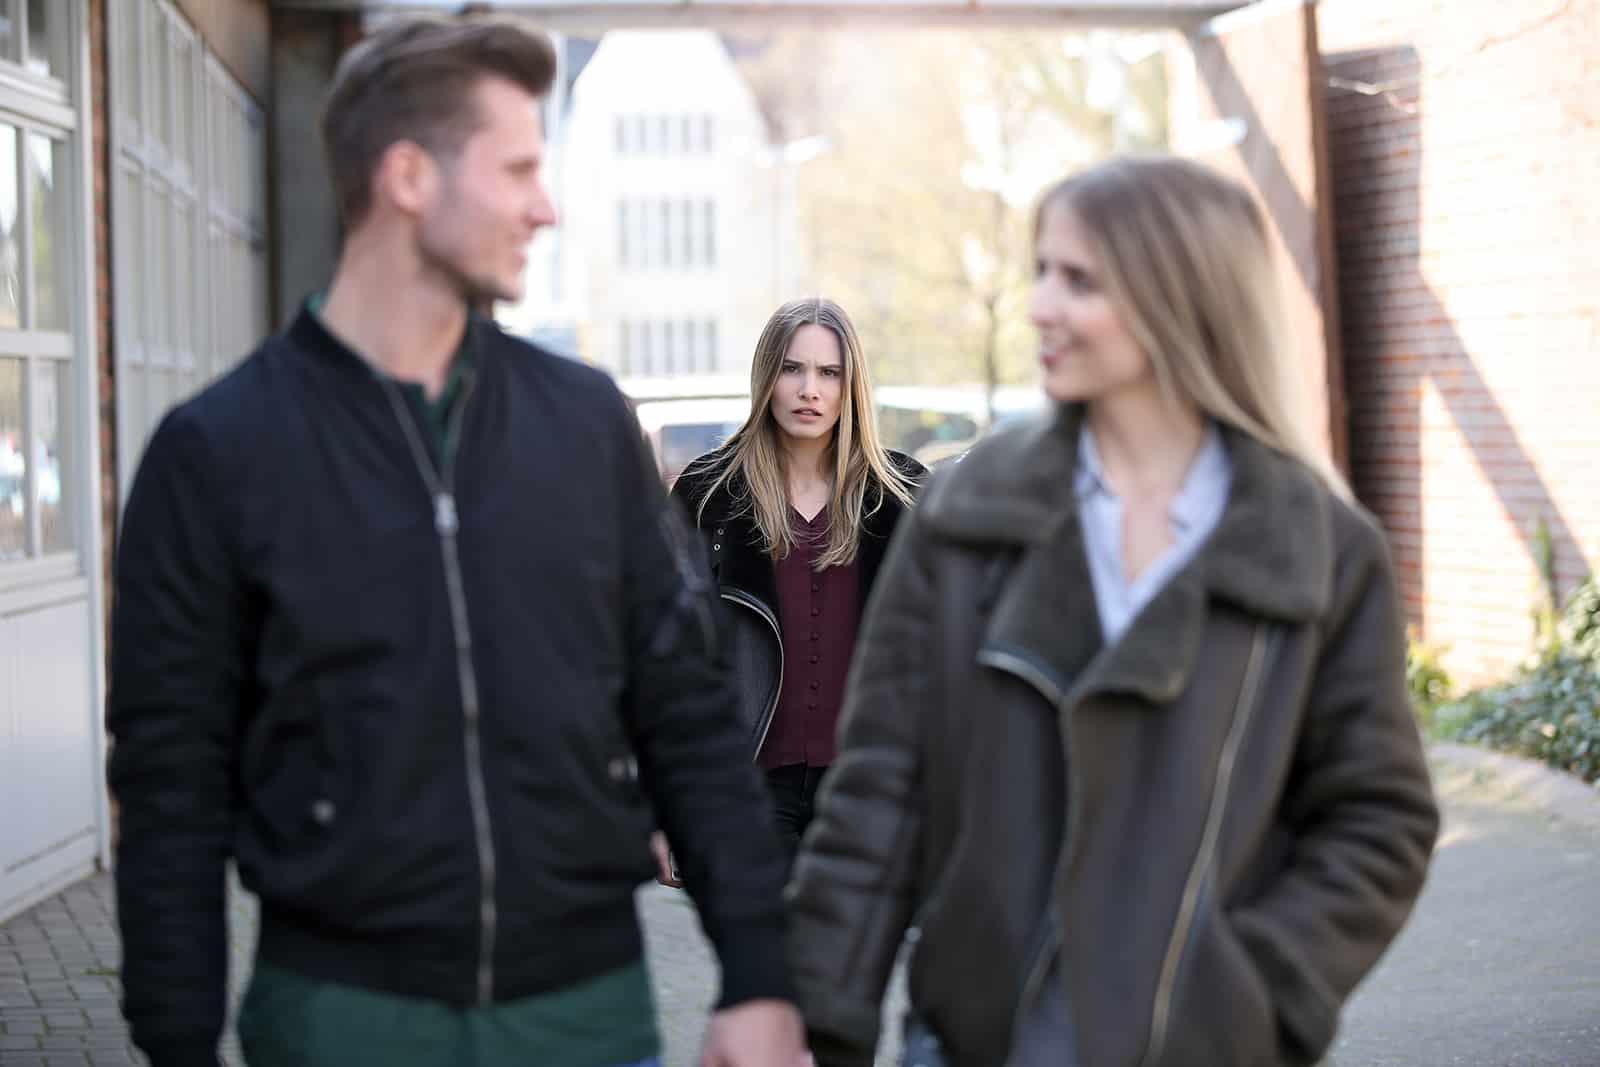 eine verwirrte Frau, die ein liebendes Paar vor sich betrachtet, während sie auf dem Bürgersteig geht